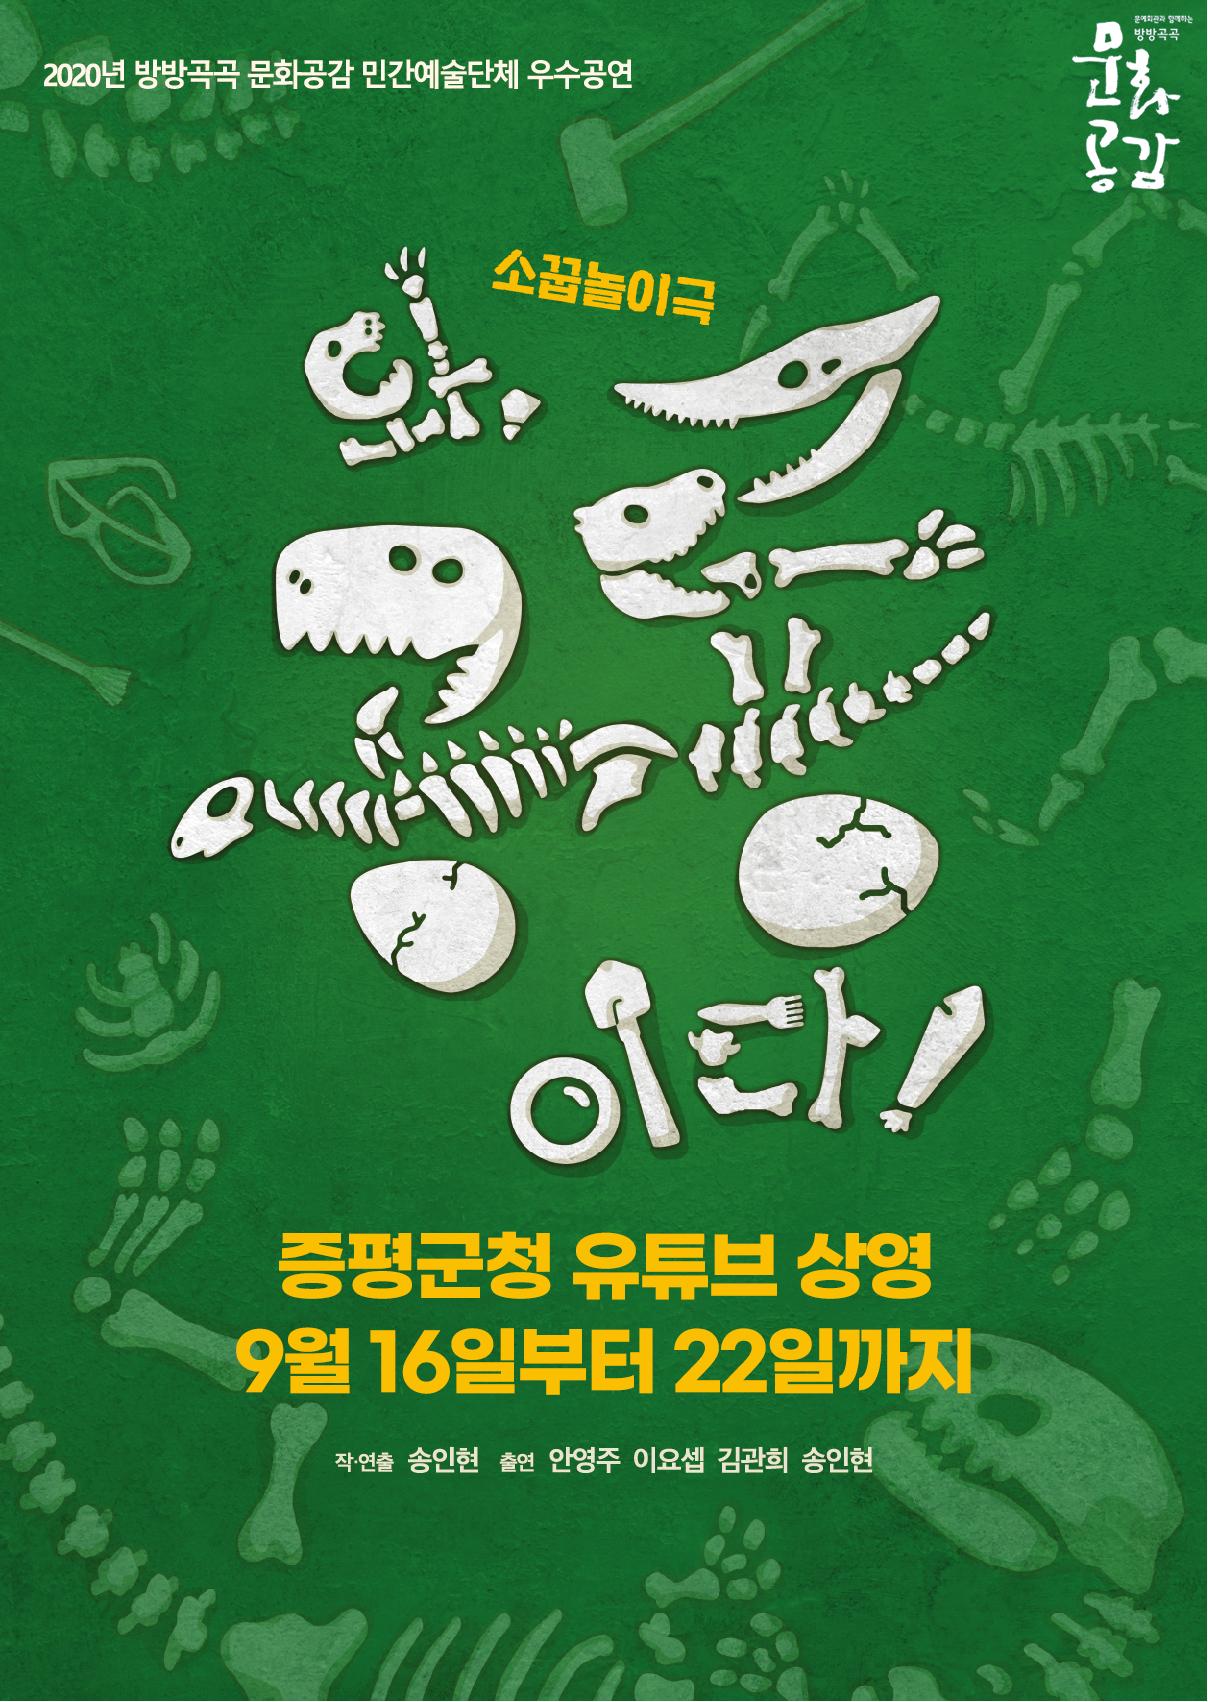 2020년 방방곡곡 문화공감 소꿉놀이극 와, 공룡이다! 연극  온라인 송출 [이미지]